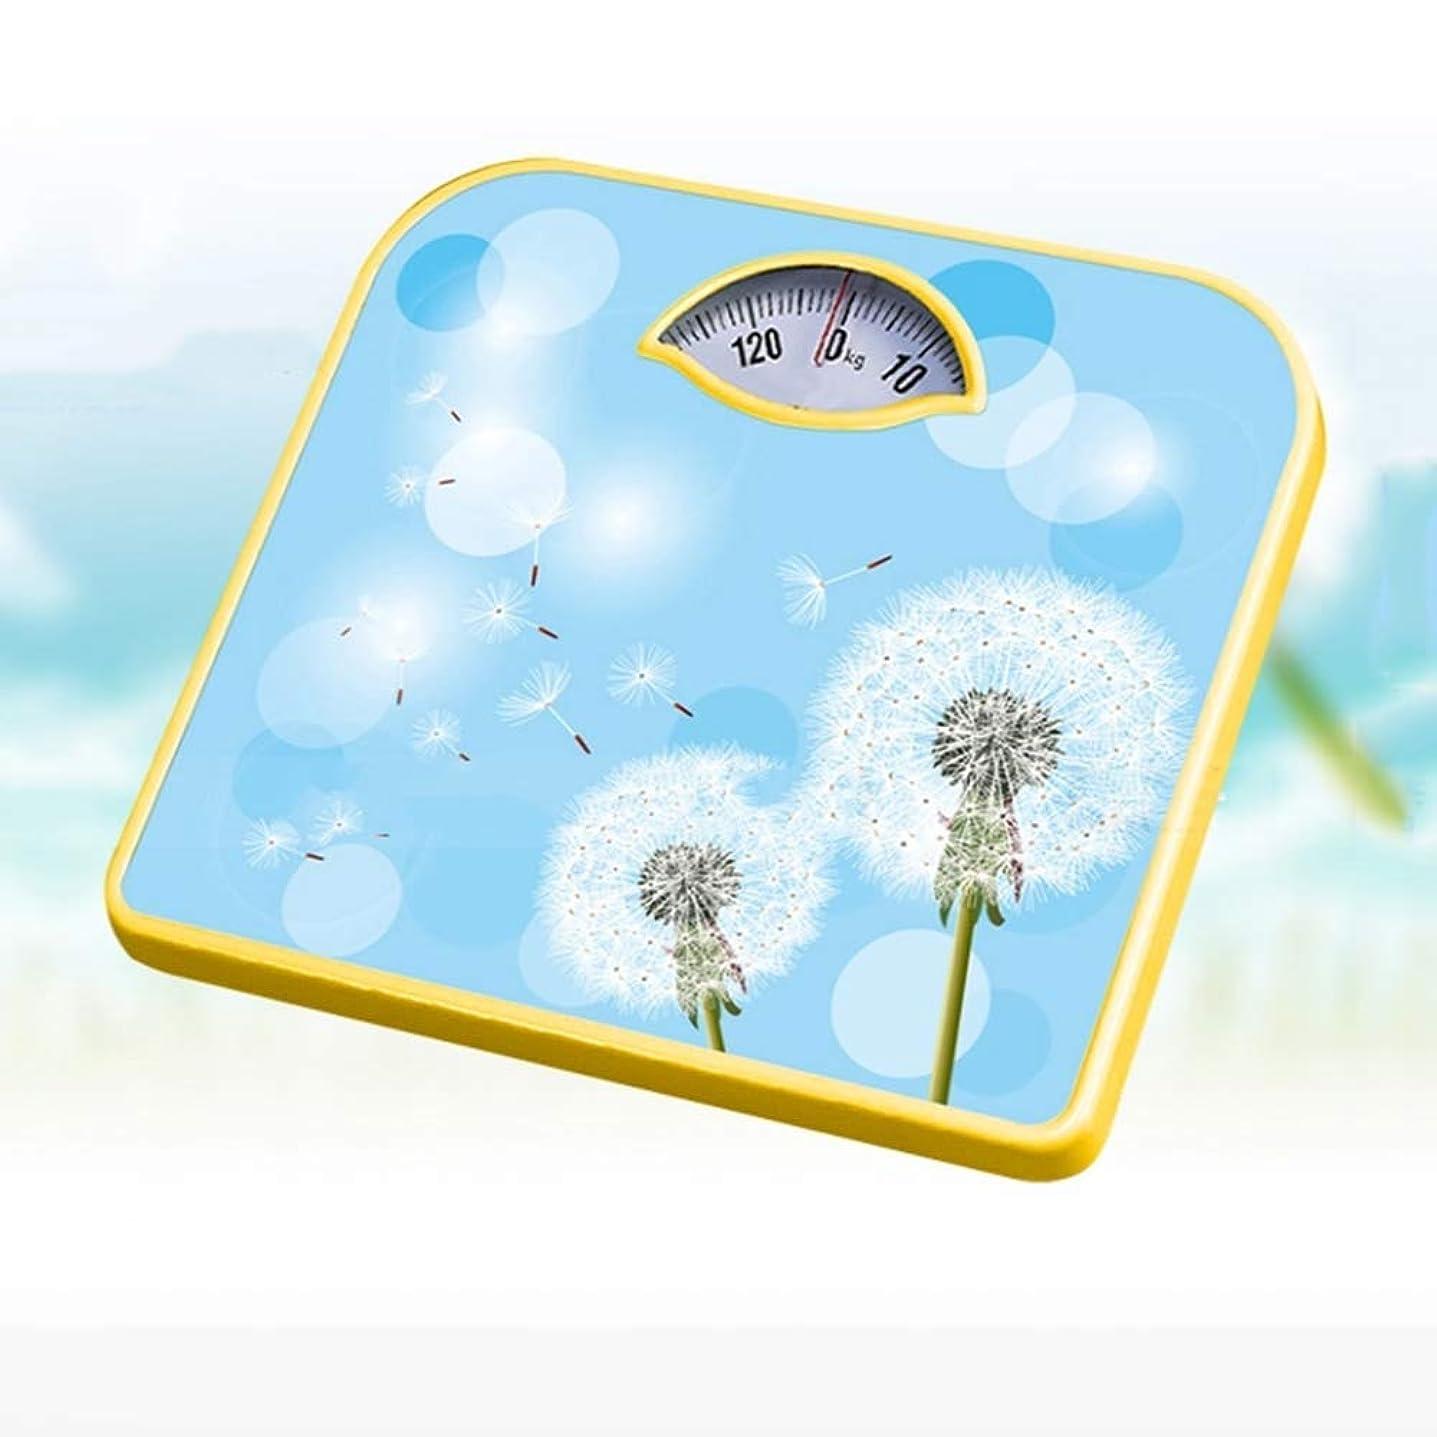 最大化するモチーフケントアナログ体重計、機械式回転ダイヤル、健康的な体重計、硬質金属製プラットフォーム、電池不要、黄色/青